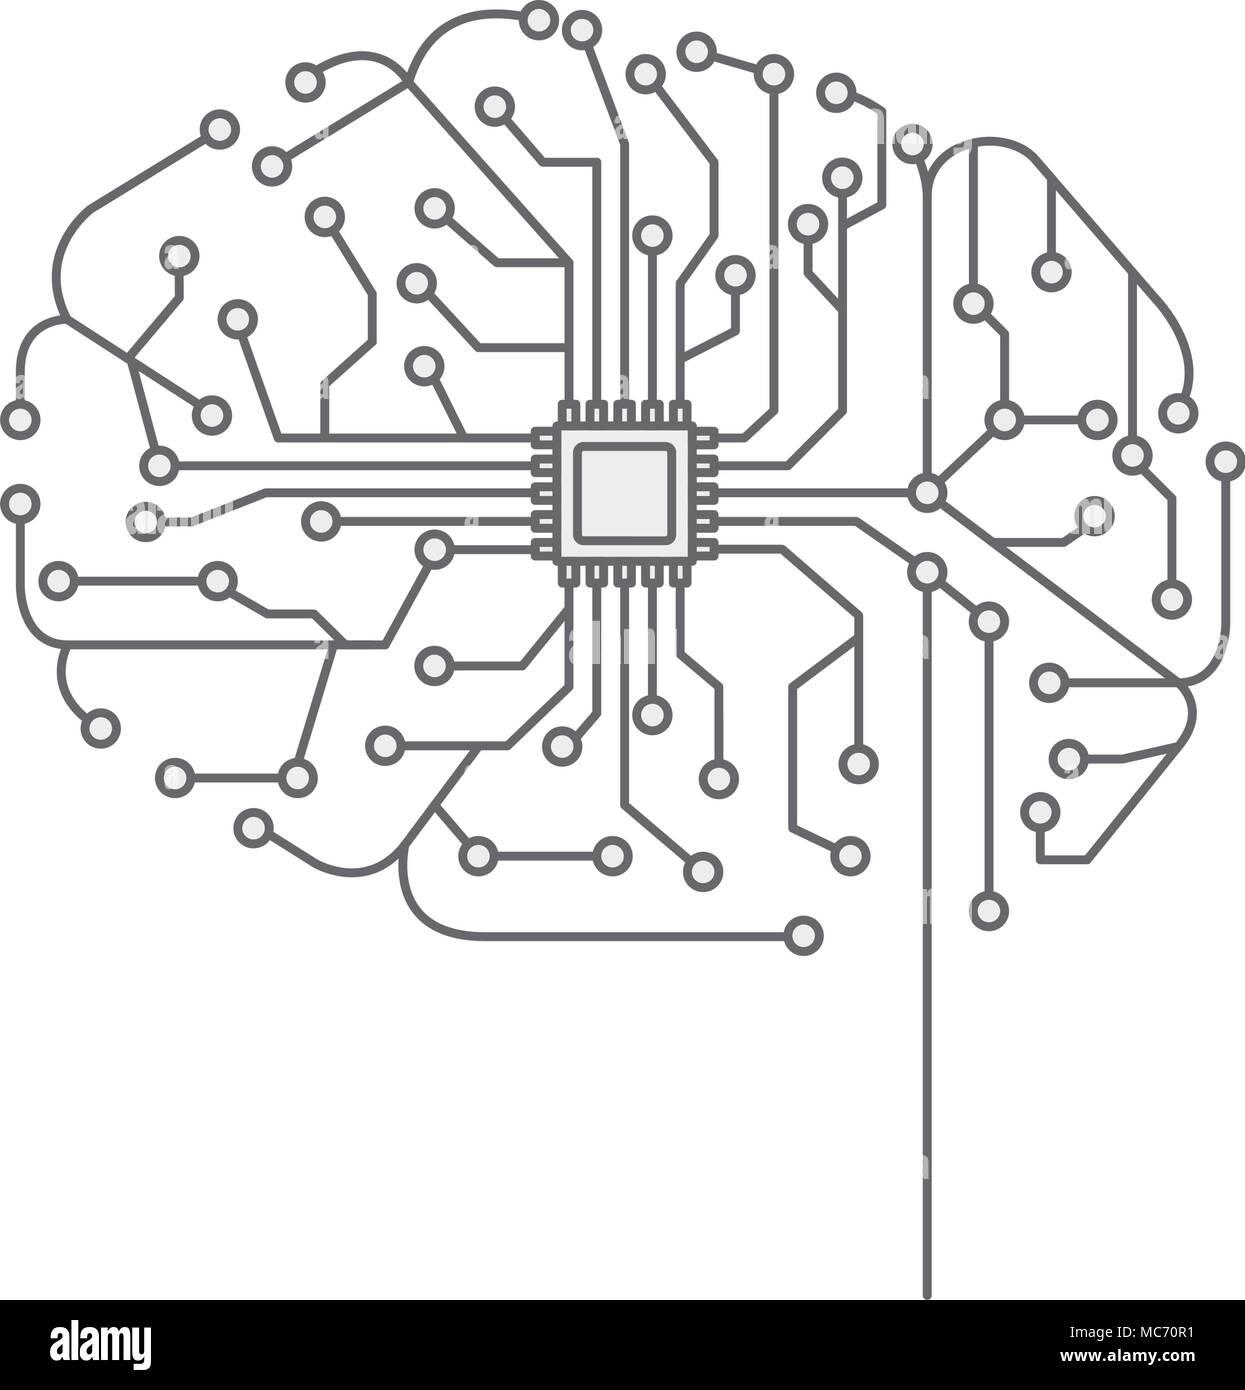 Circuito Electrico : Cerebro con el circuito eléctrico diseño de ilustraciones